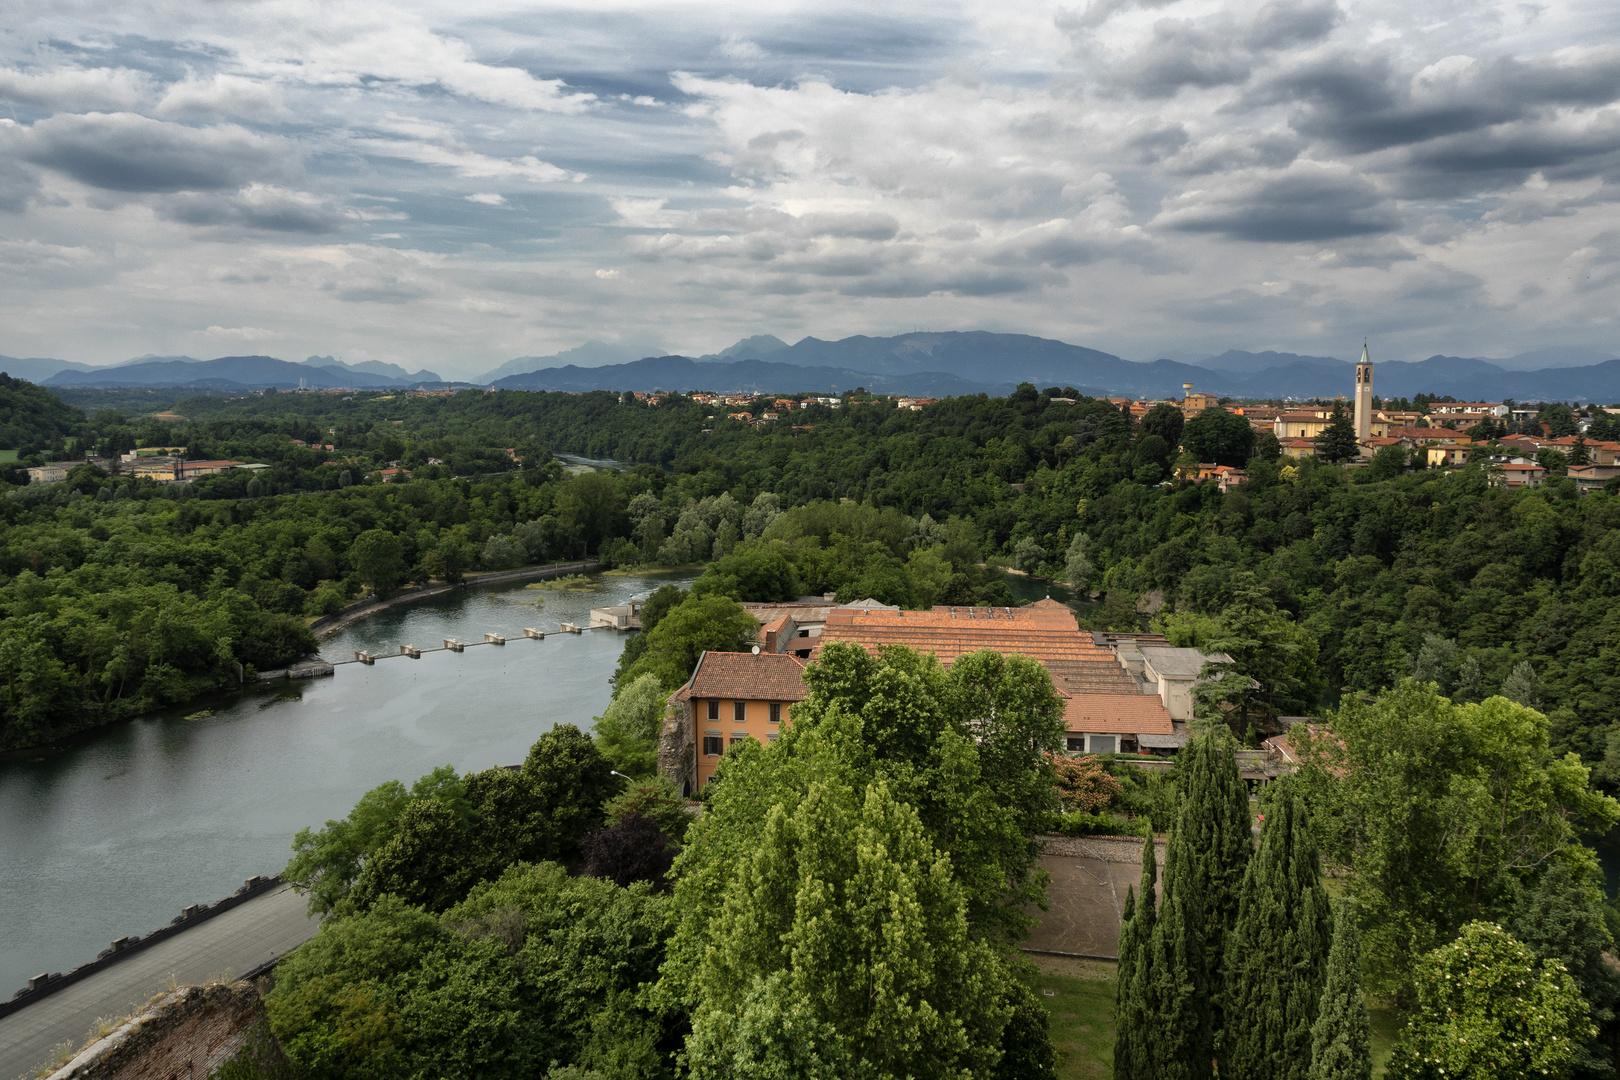 Vista sul fiume Adda